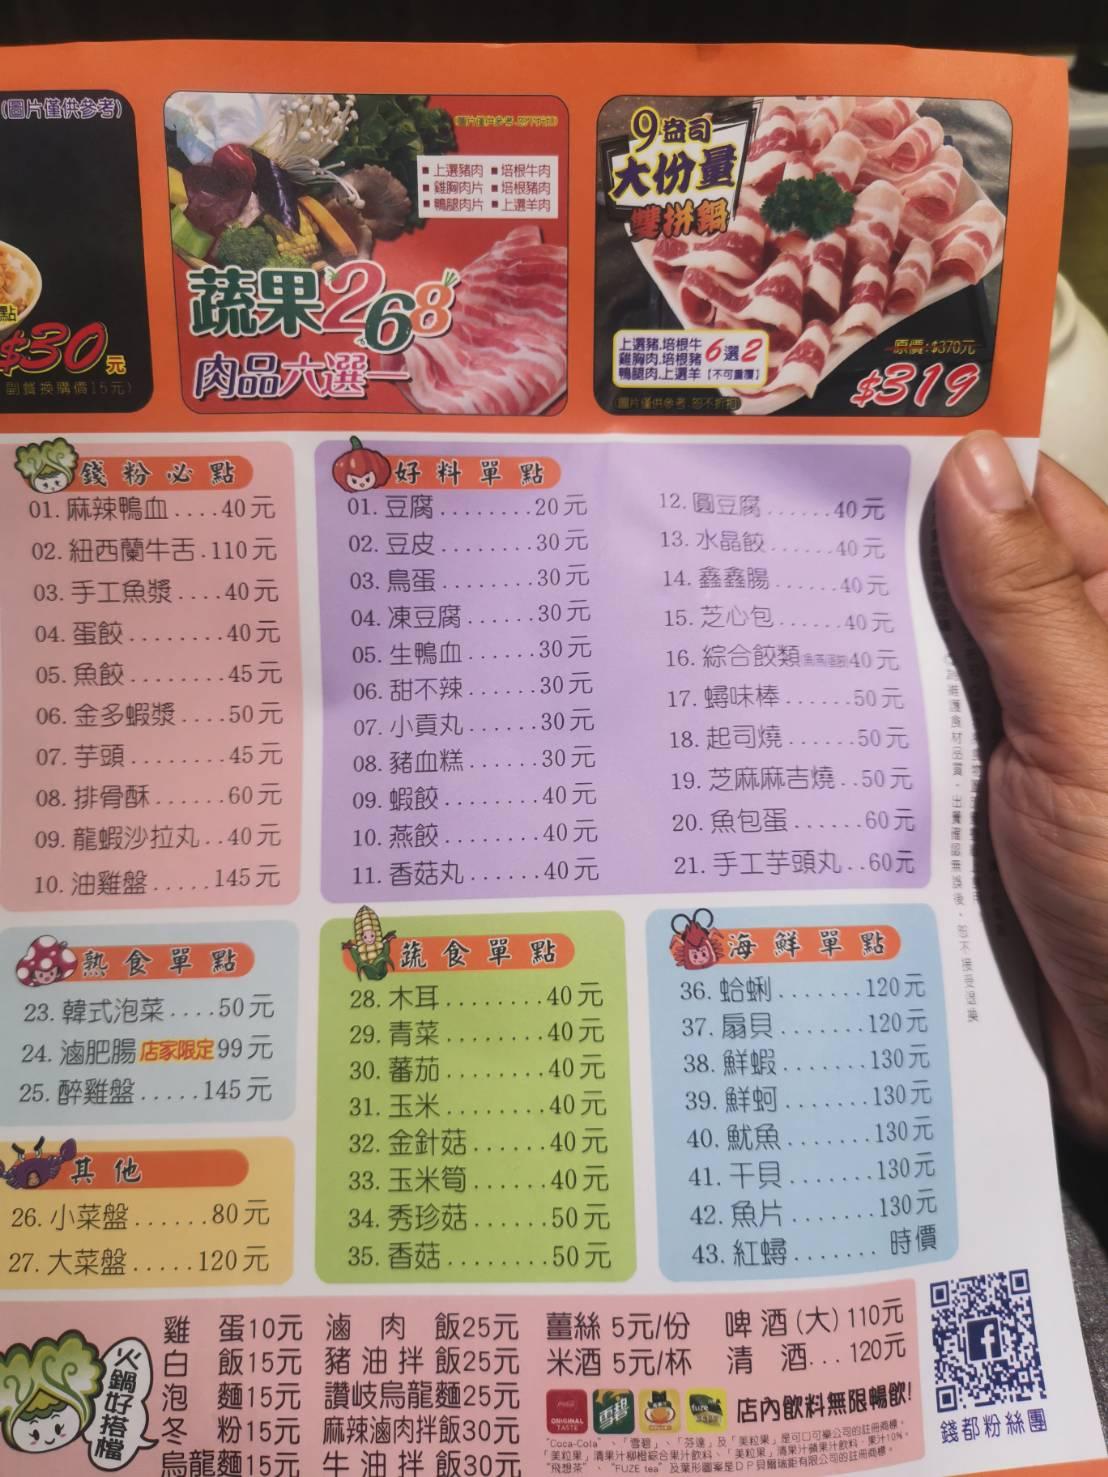 錢都日式涮涮鍋2020最新菜單價錢(8/29更新) 火鍋價錢  連鎖火鍋店